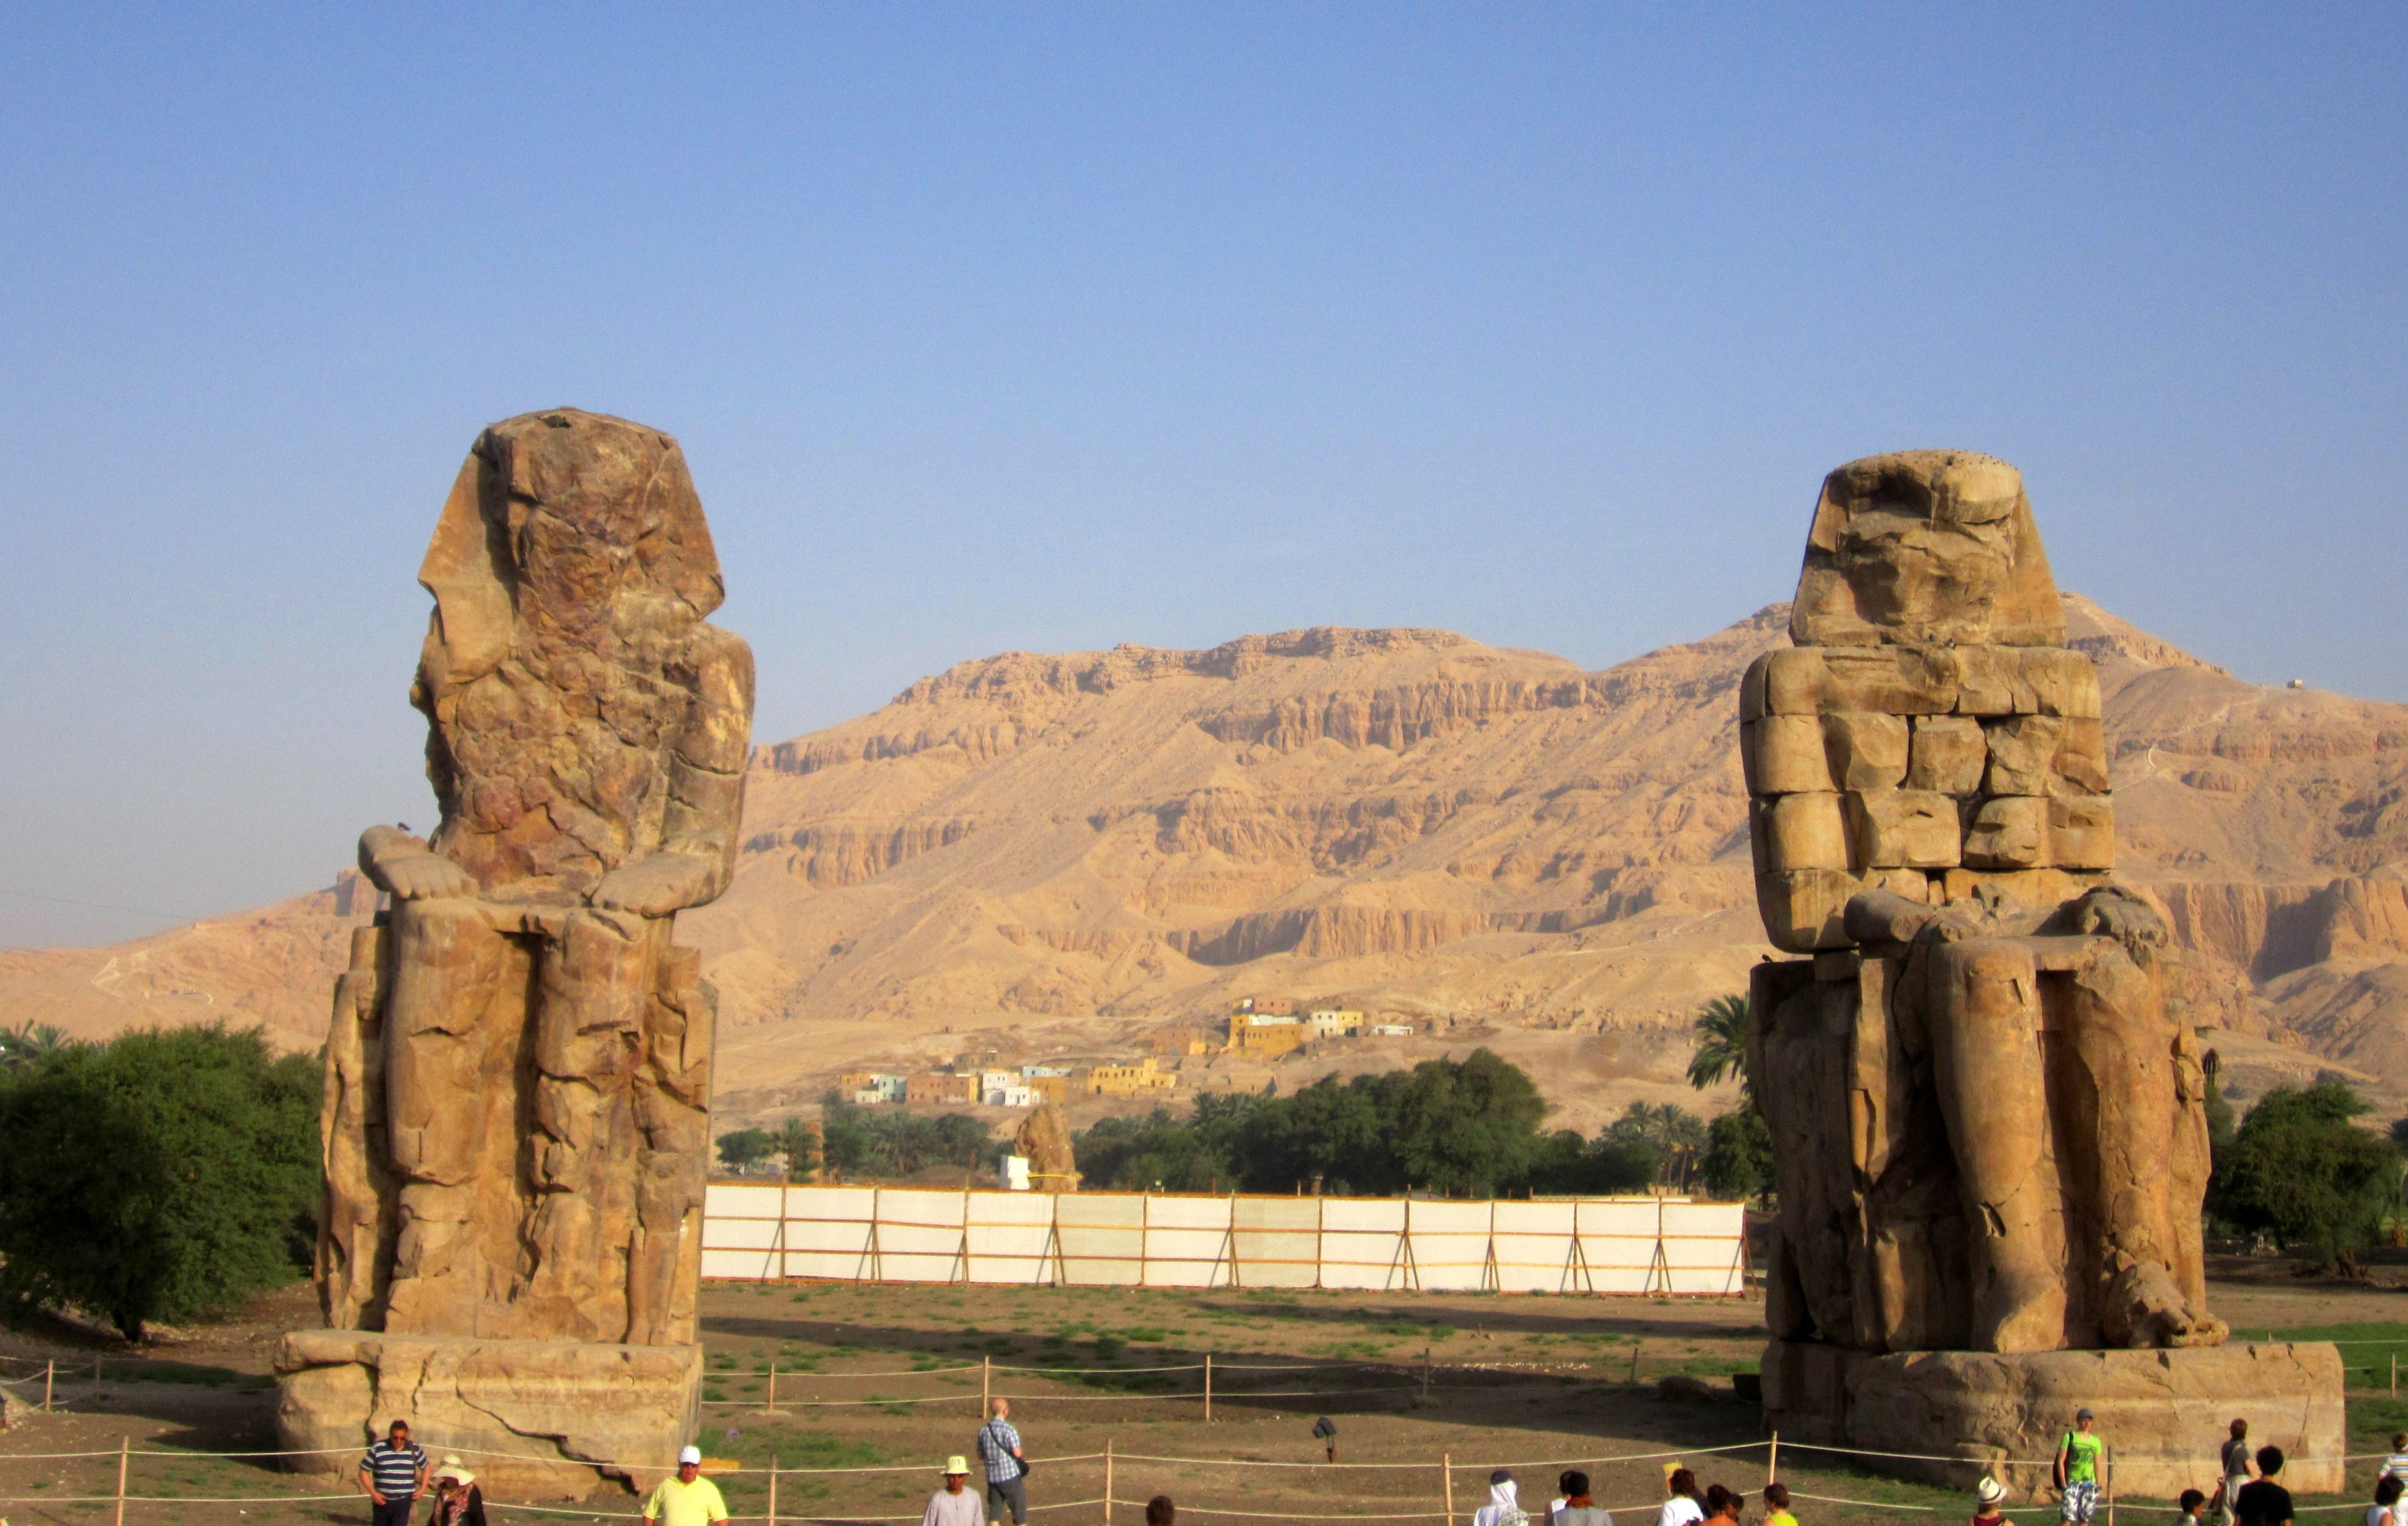 #egypt #egypttourism #rivernile #luxor #luxortourism #luxorwestbank #Colossiofmemnon